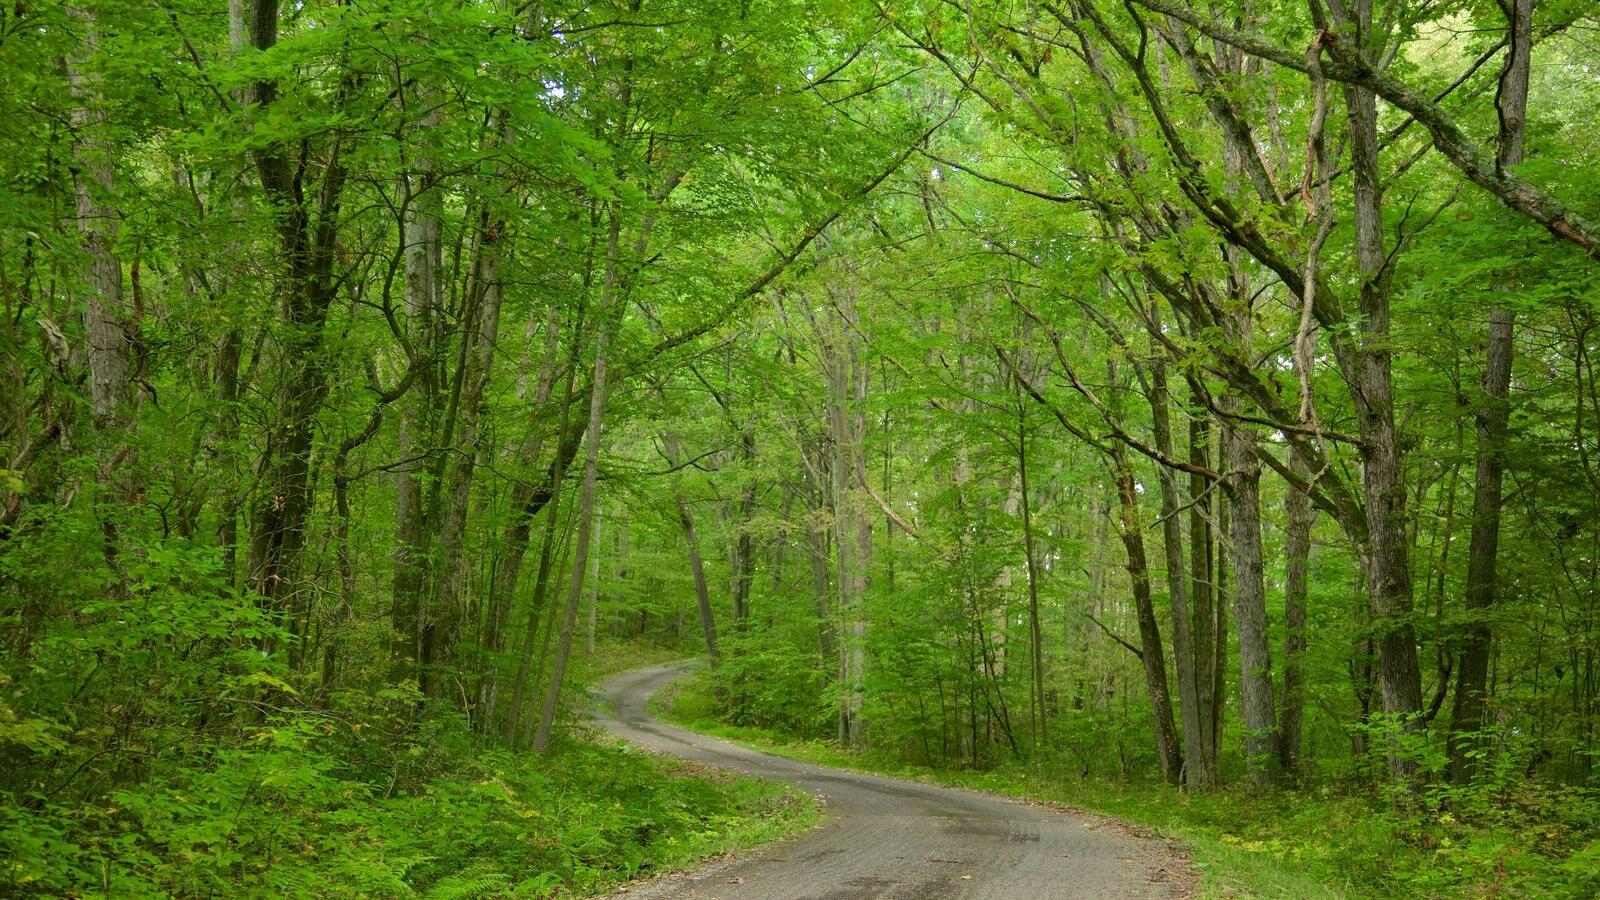 Noroeste de Pensilvânia mostrando florestas e floresta tropical